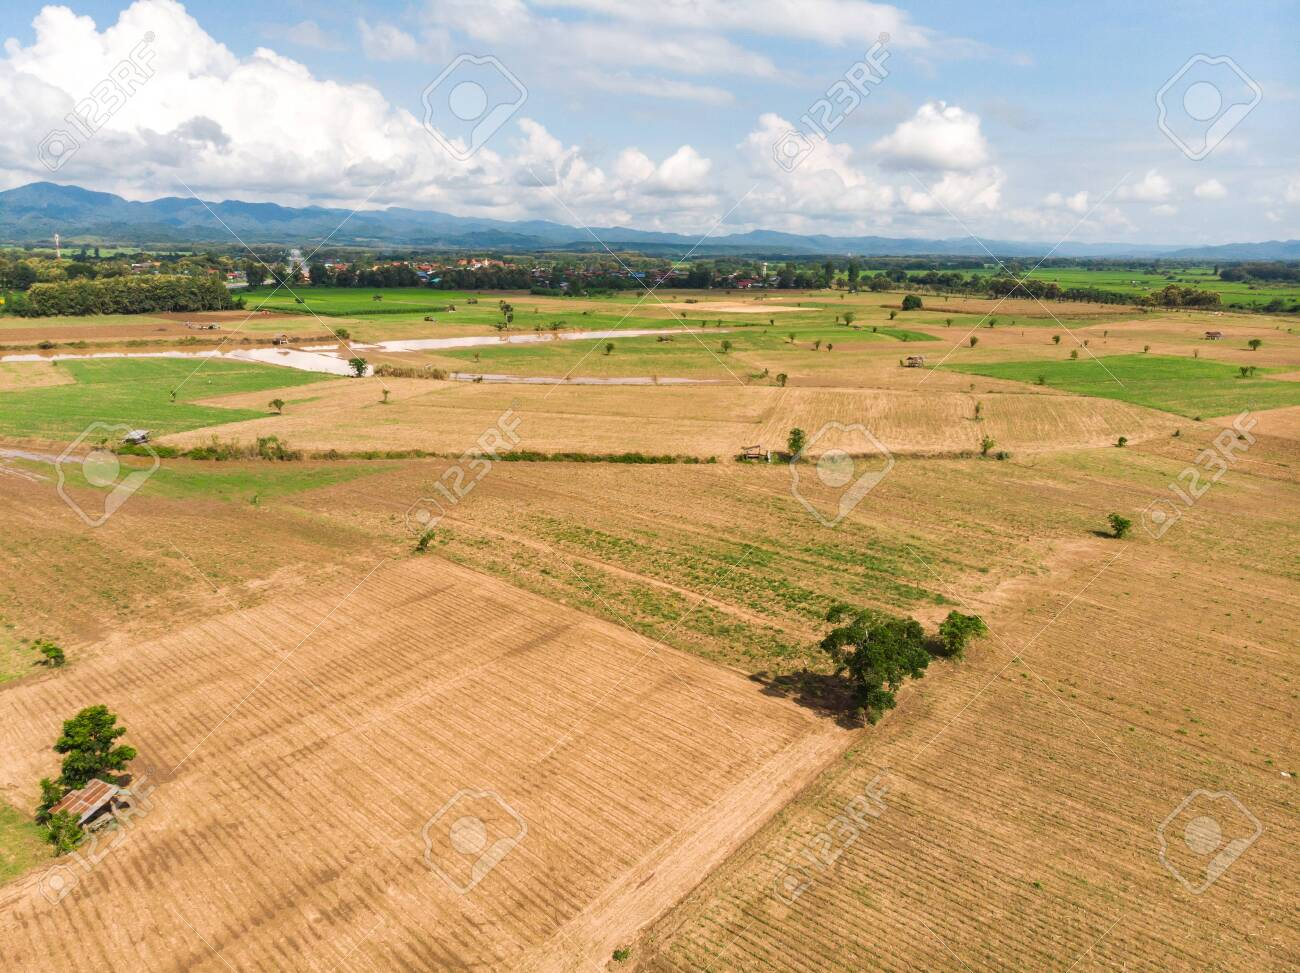 Empty crop field near rural village in Asian country - 144214470